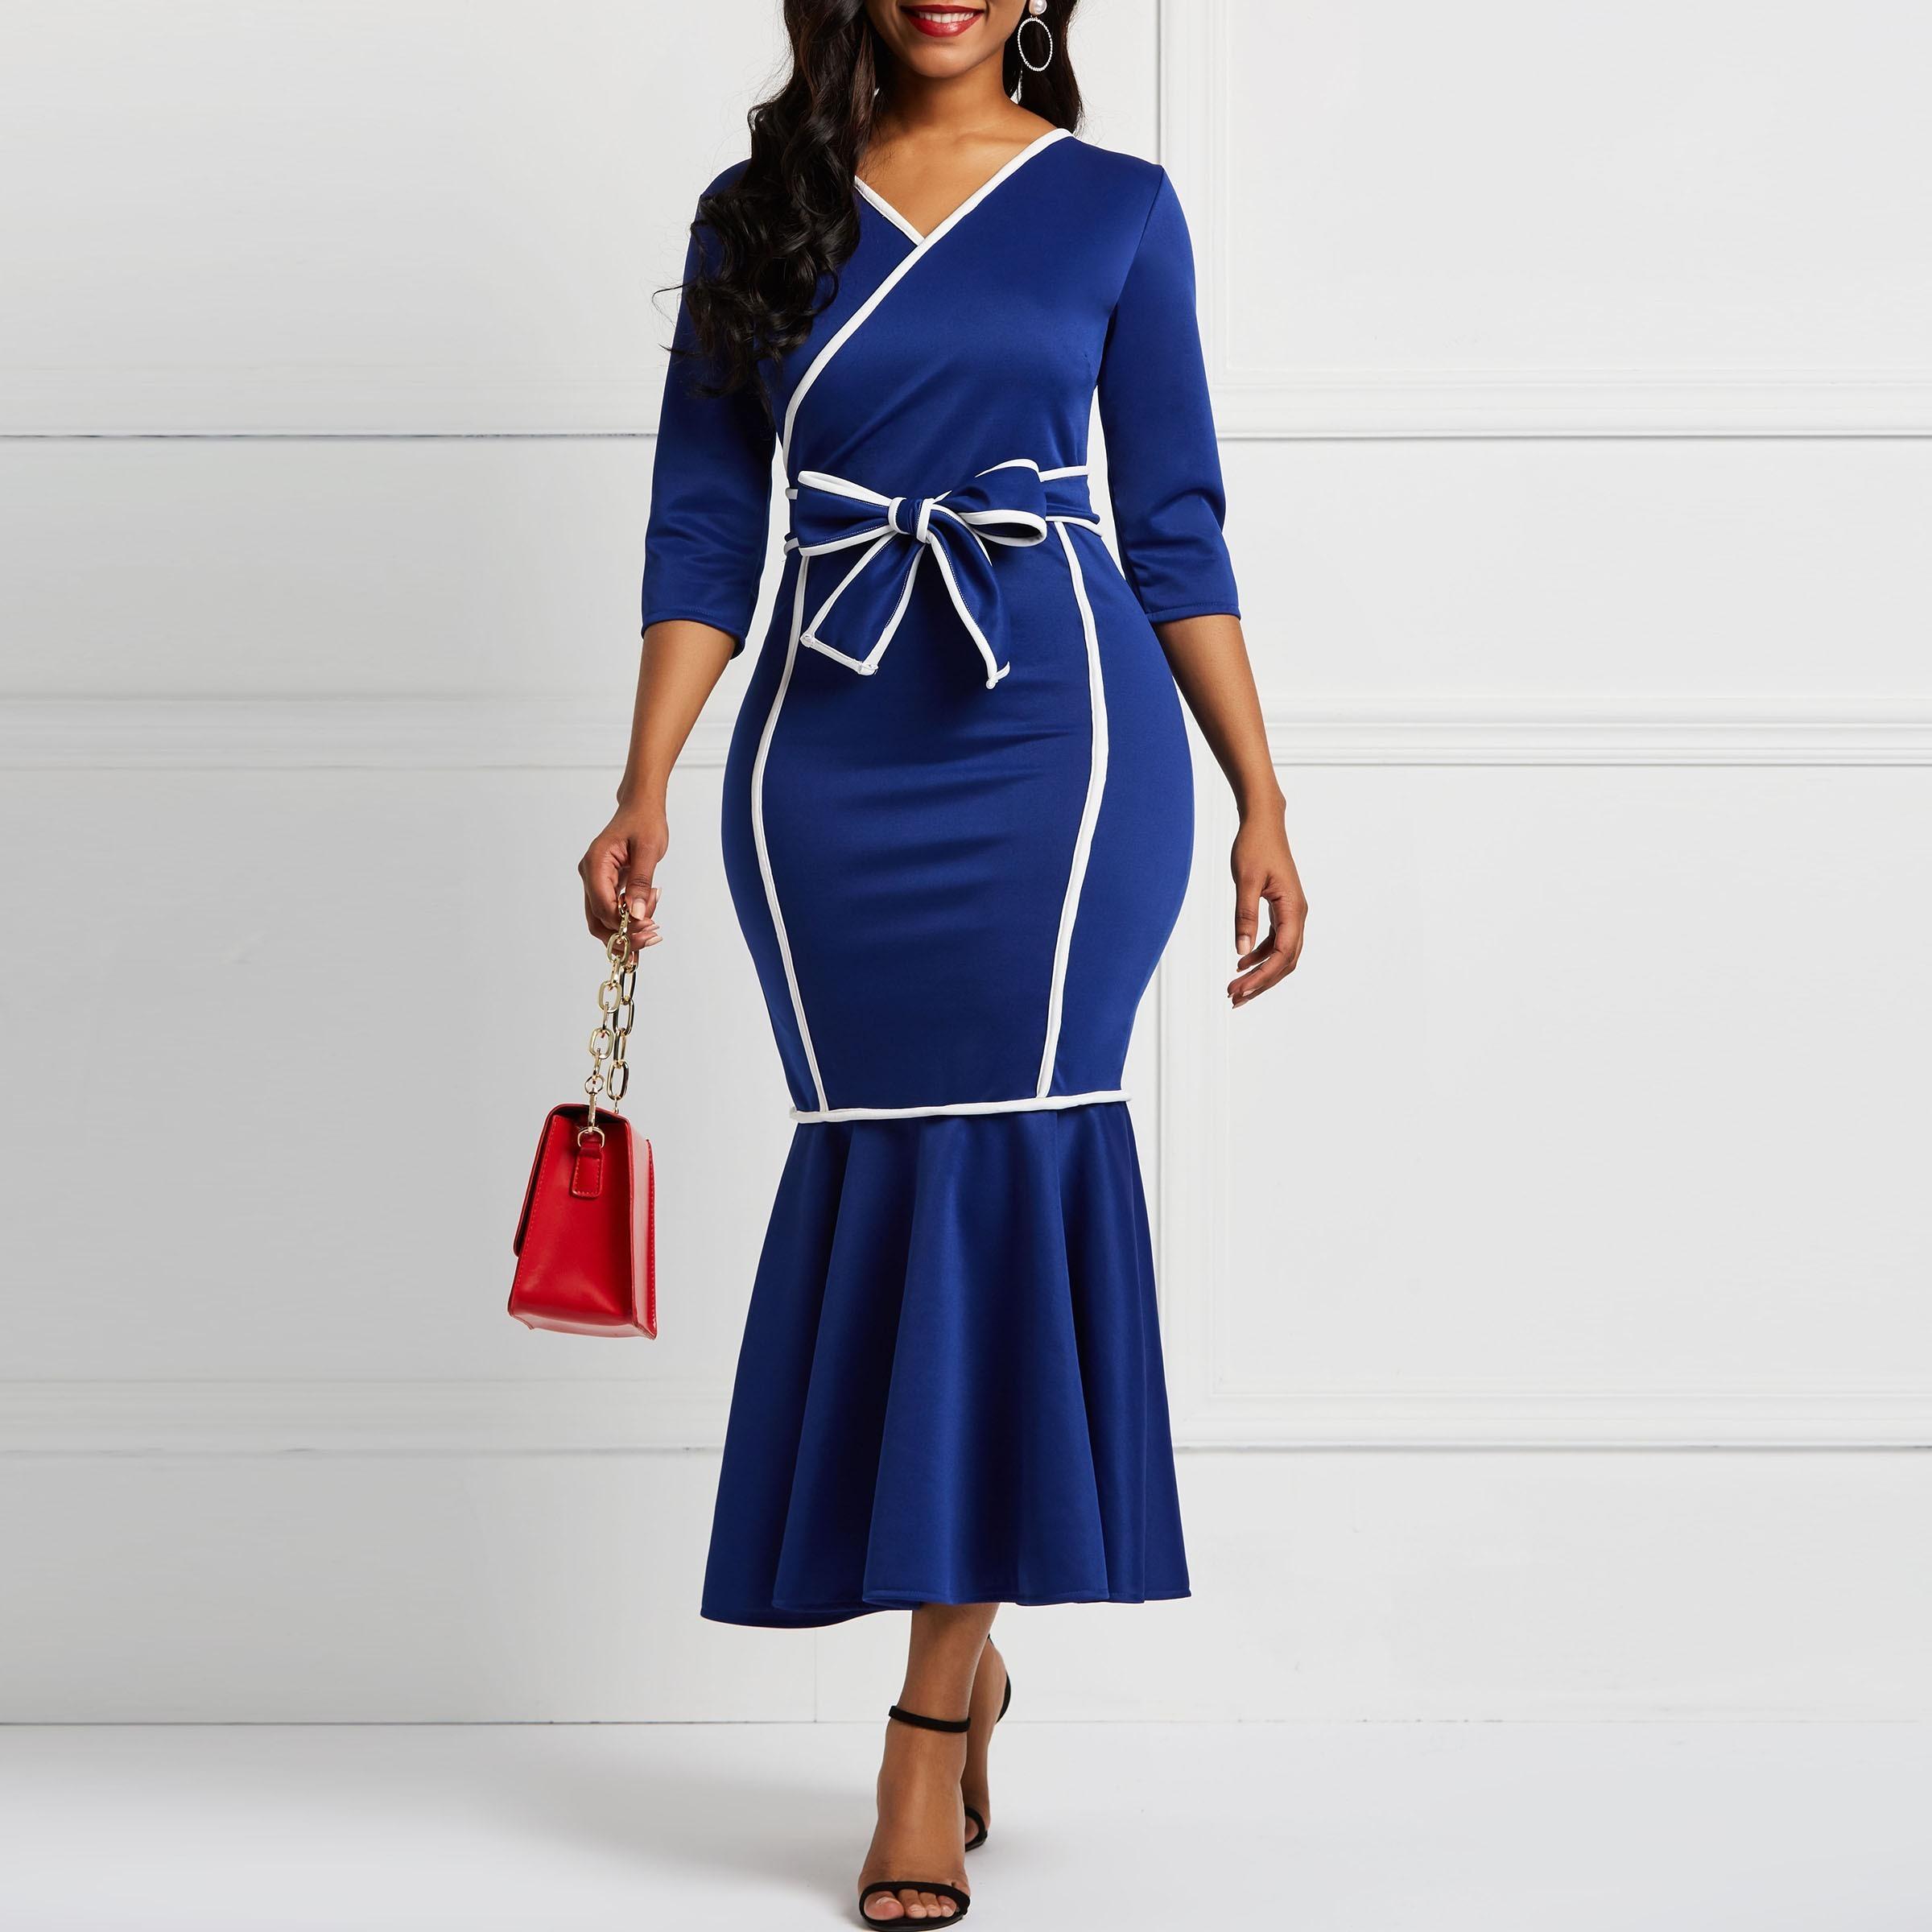 Frauen kleiden lange Hülsen Nixe Falbala V-Ansatz Farben-Block Frauen Midi Kleider Bowknot elegantes weibliches Partei-Abendessen-Kleid J190612 J190614